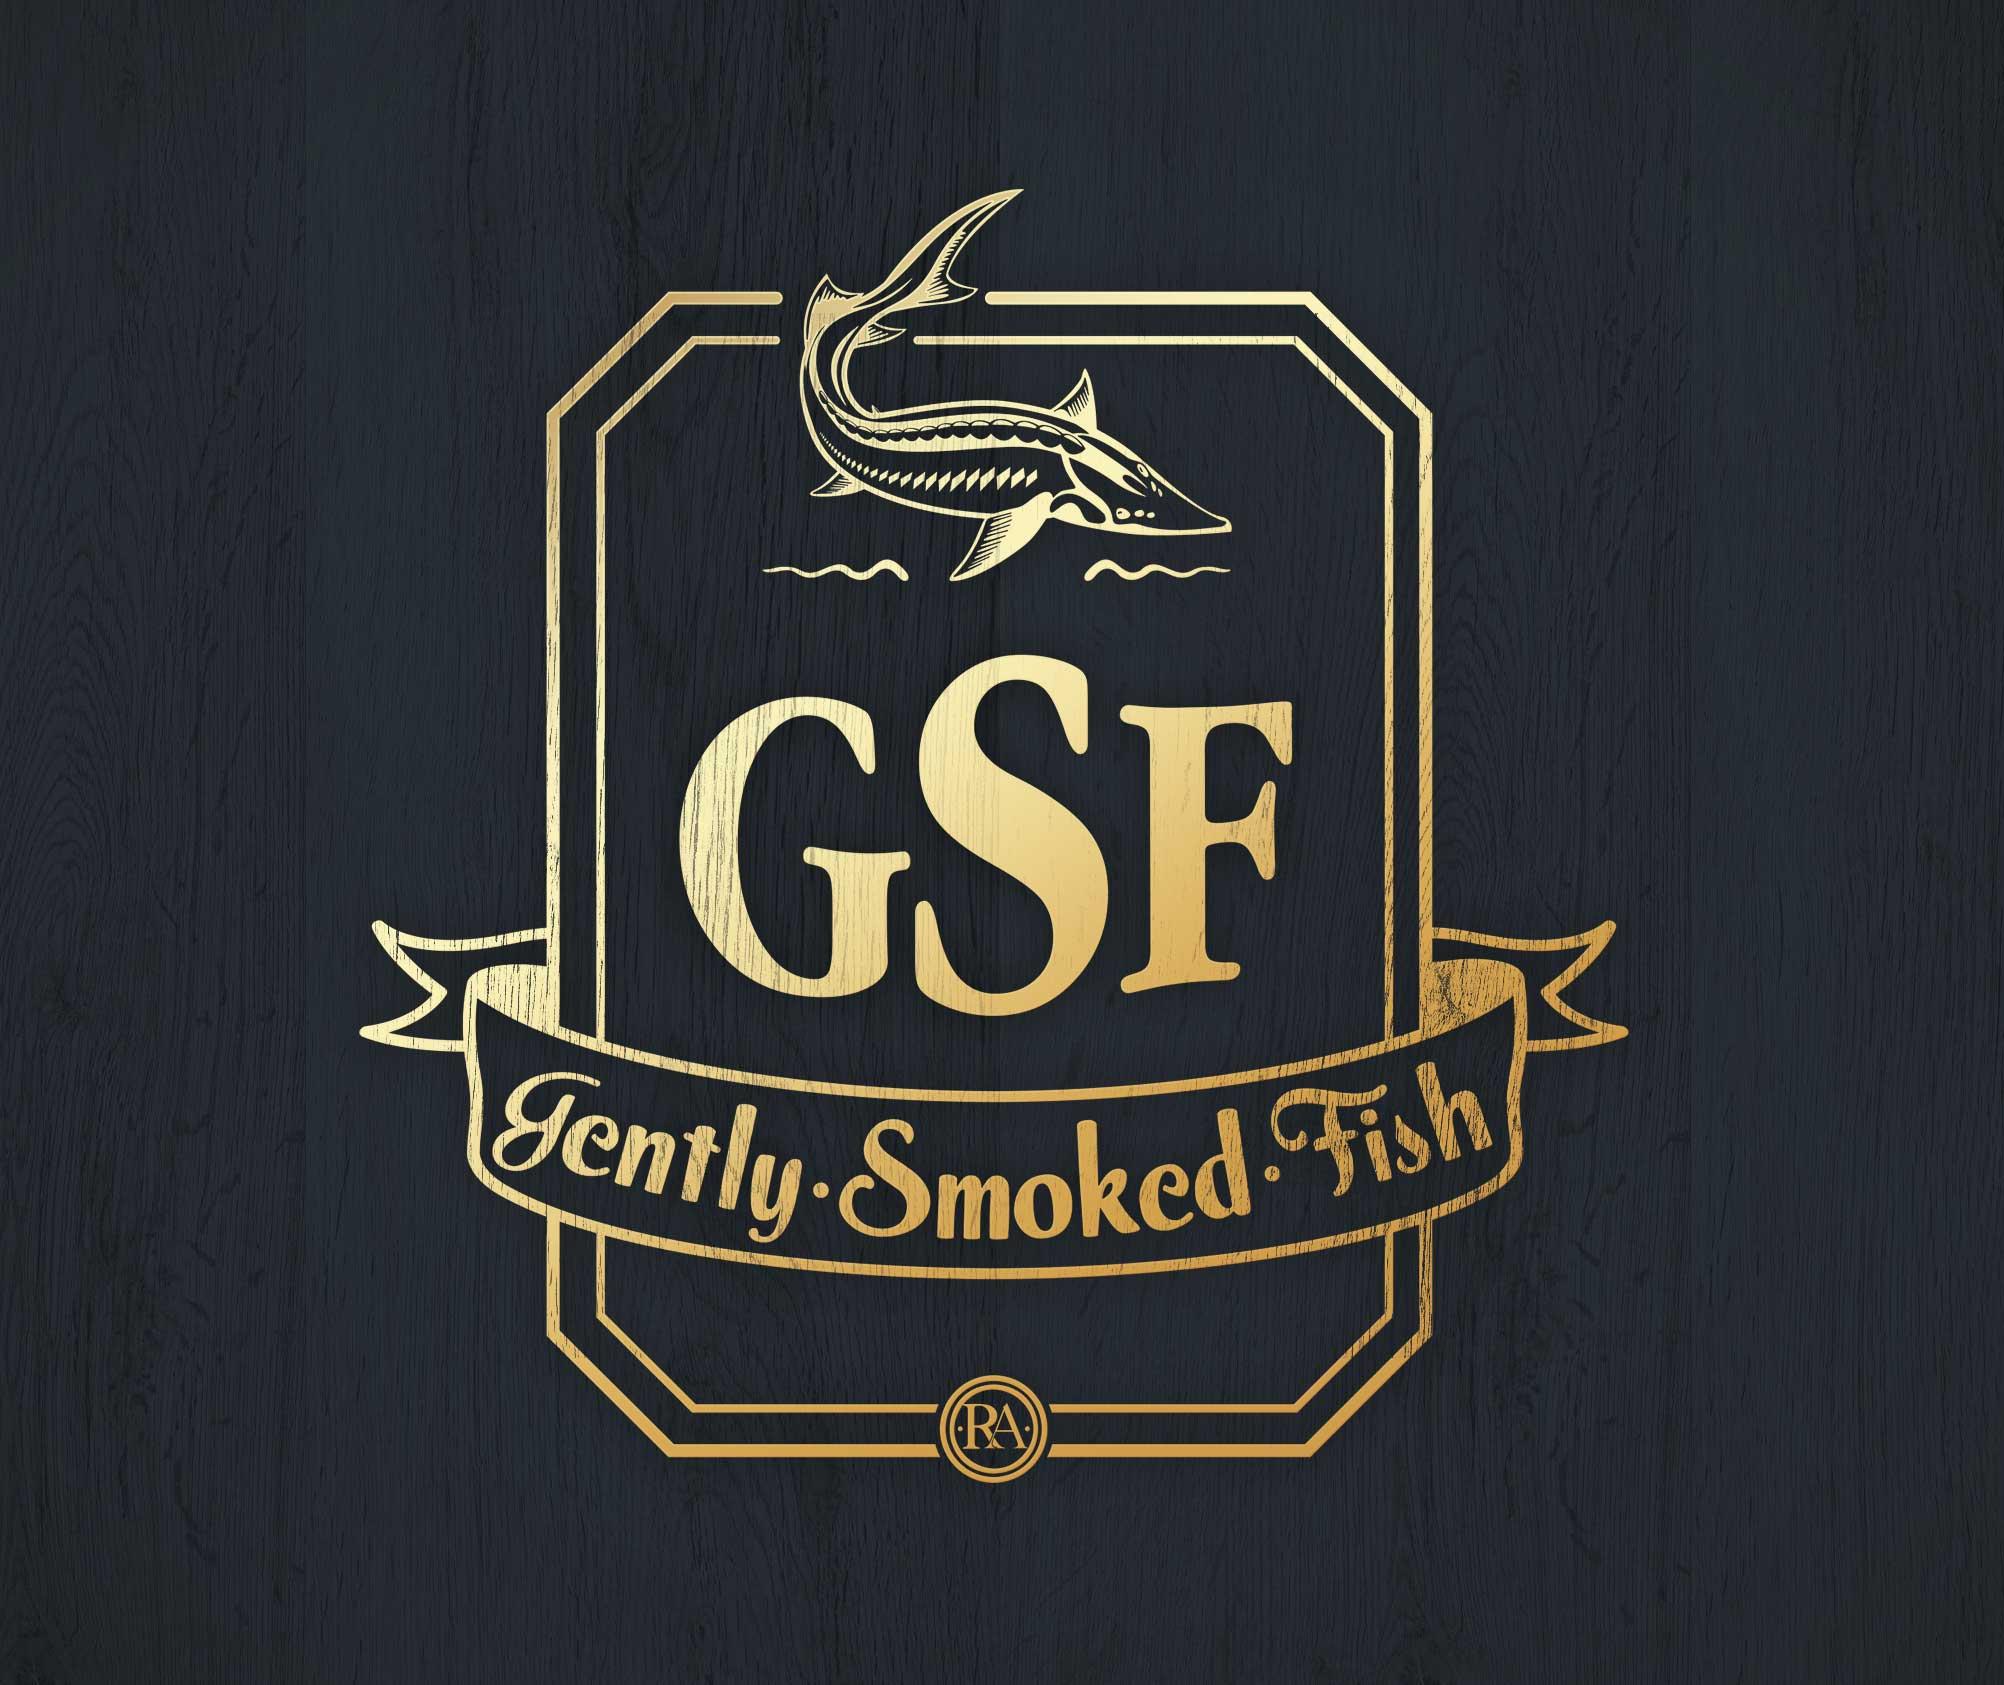 R.A. Seafoods. Logo design. GFS